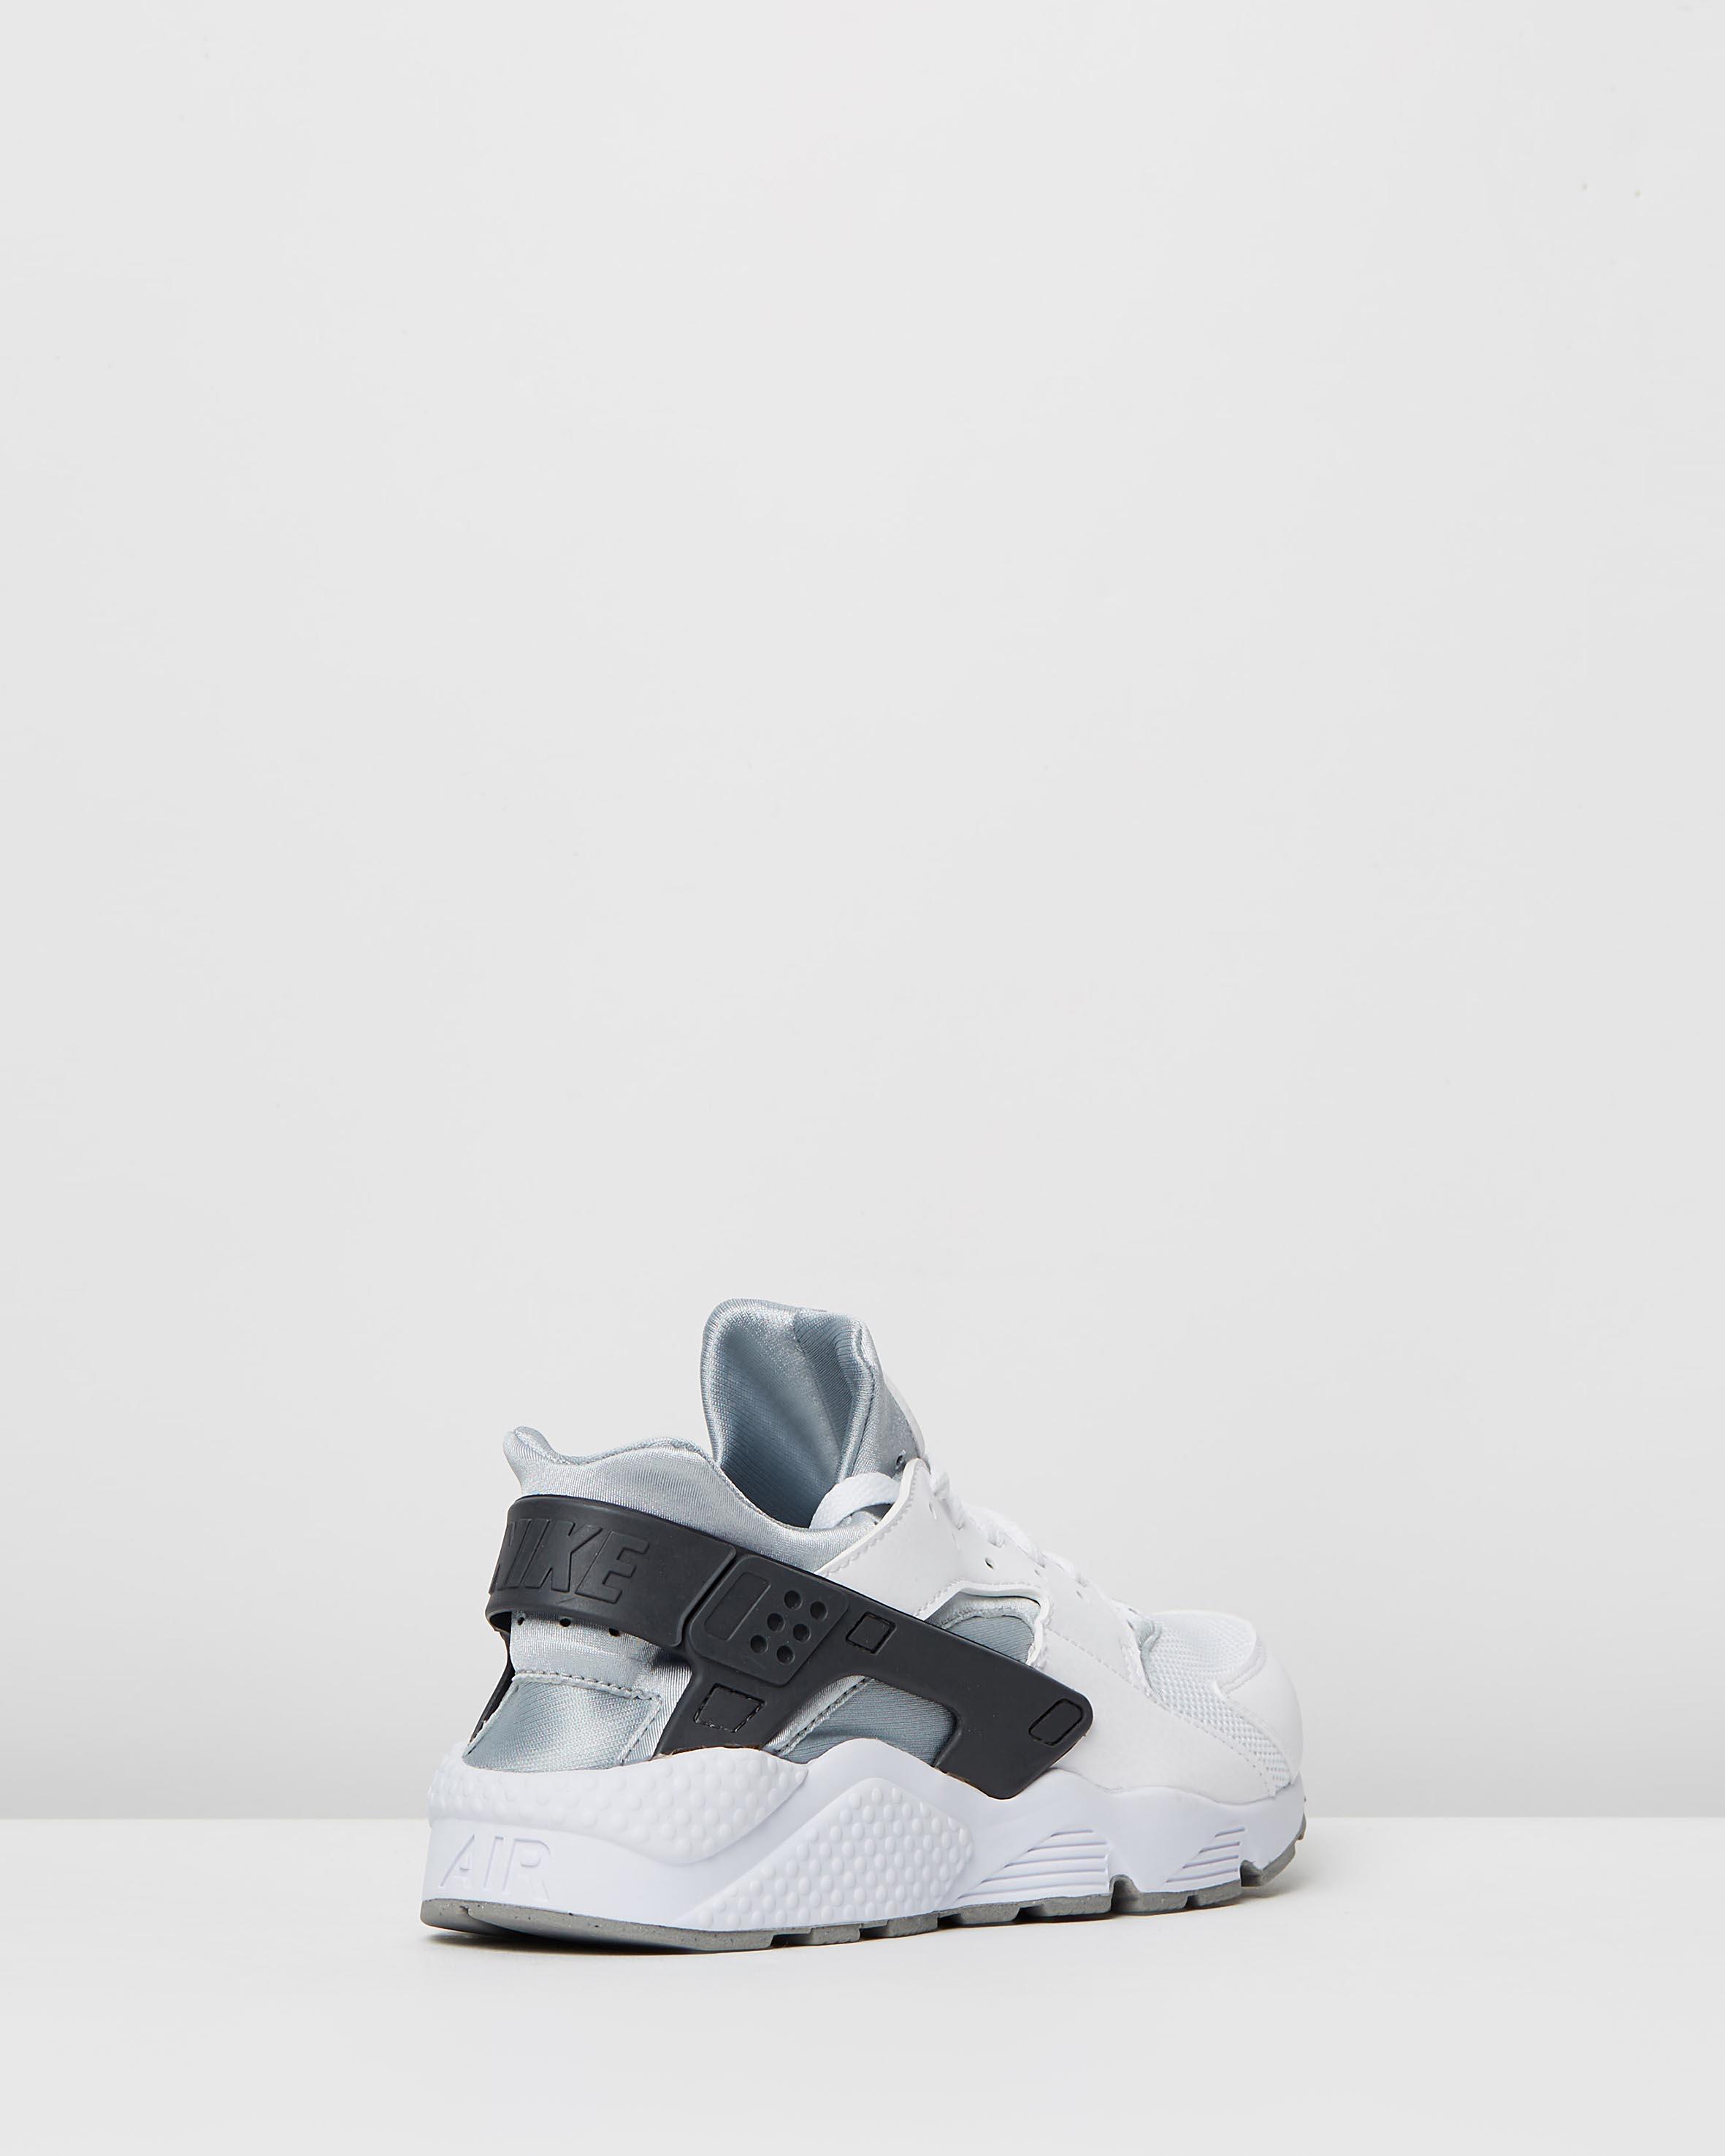 31b25d5250124 ... Nike Mens Air Huarache White Wolf Grey 2 ...